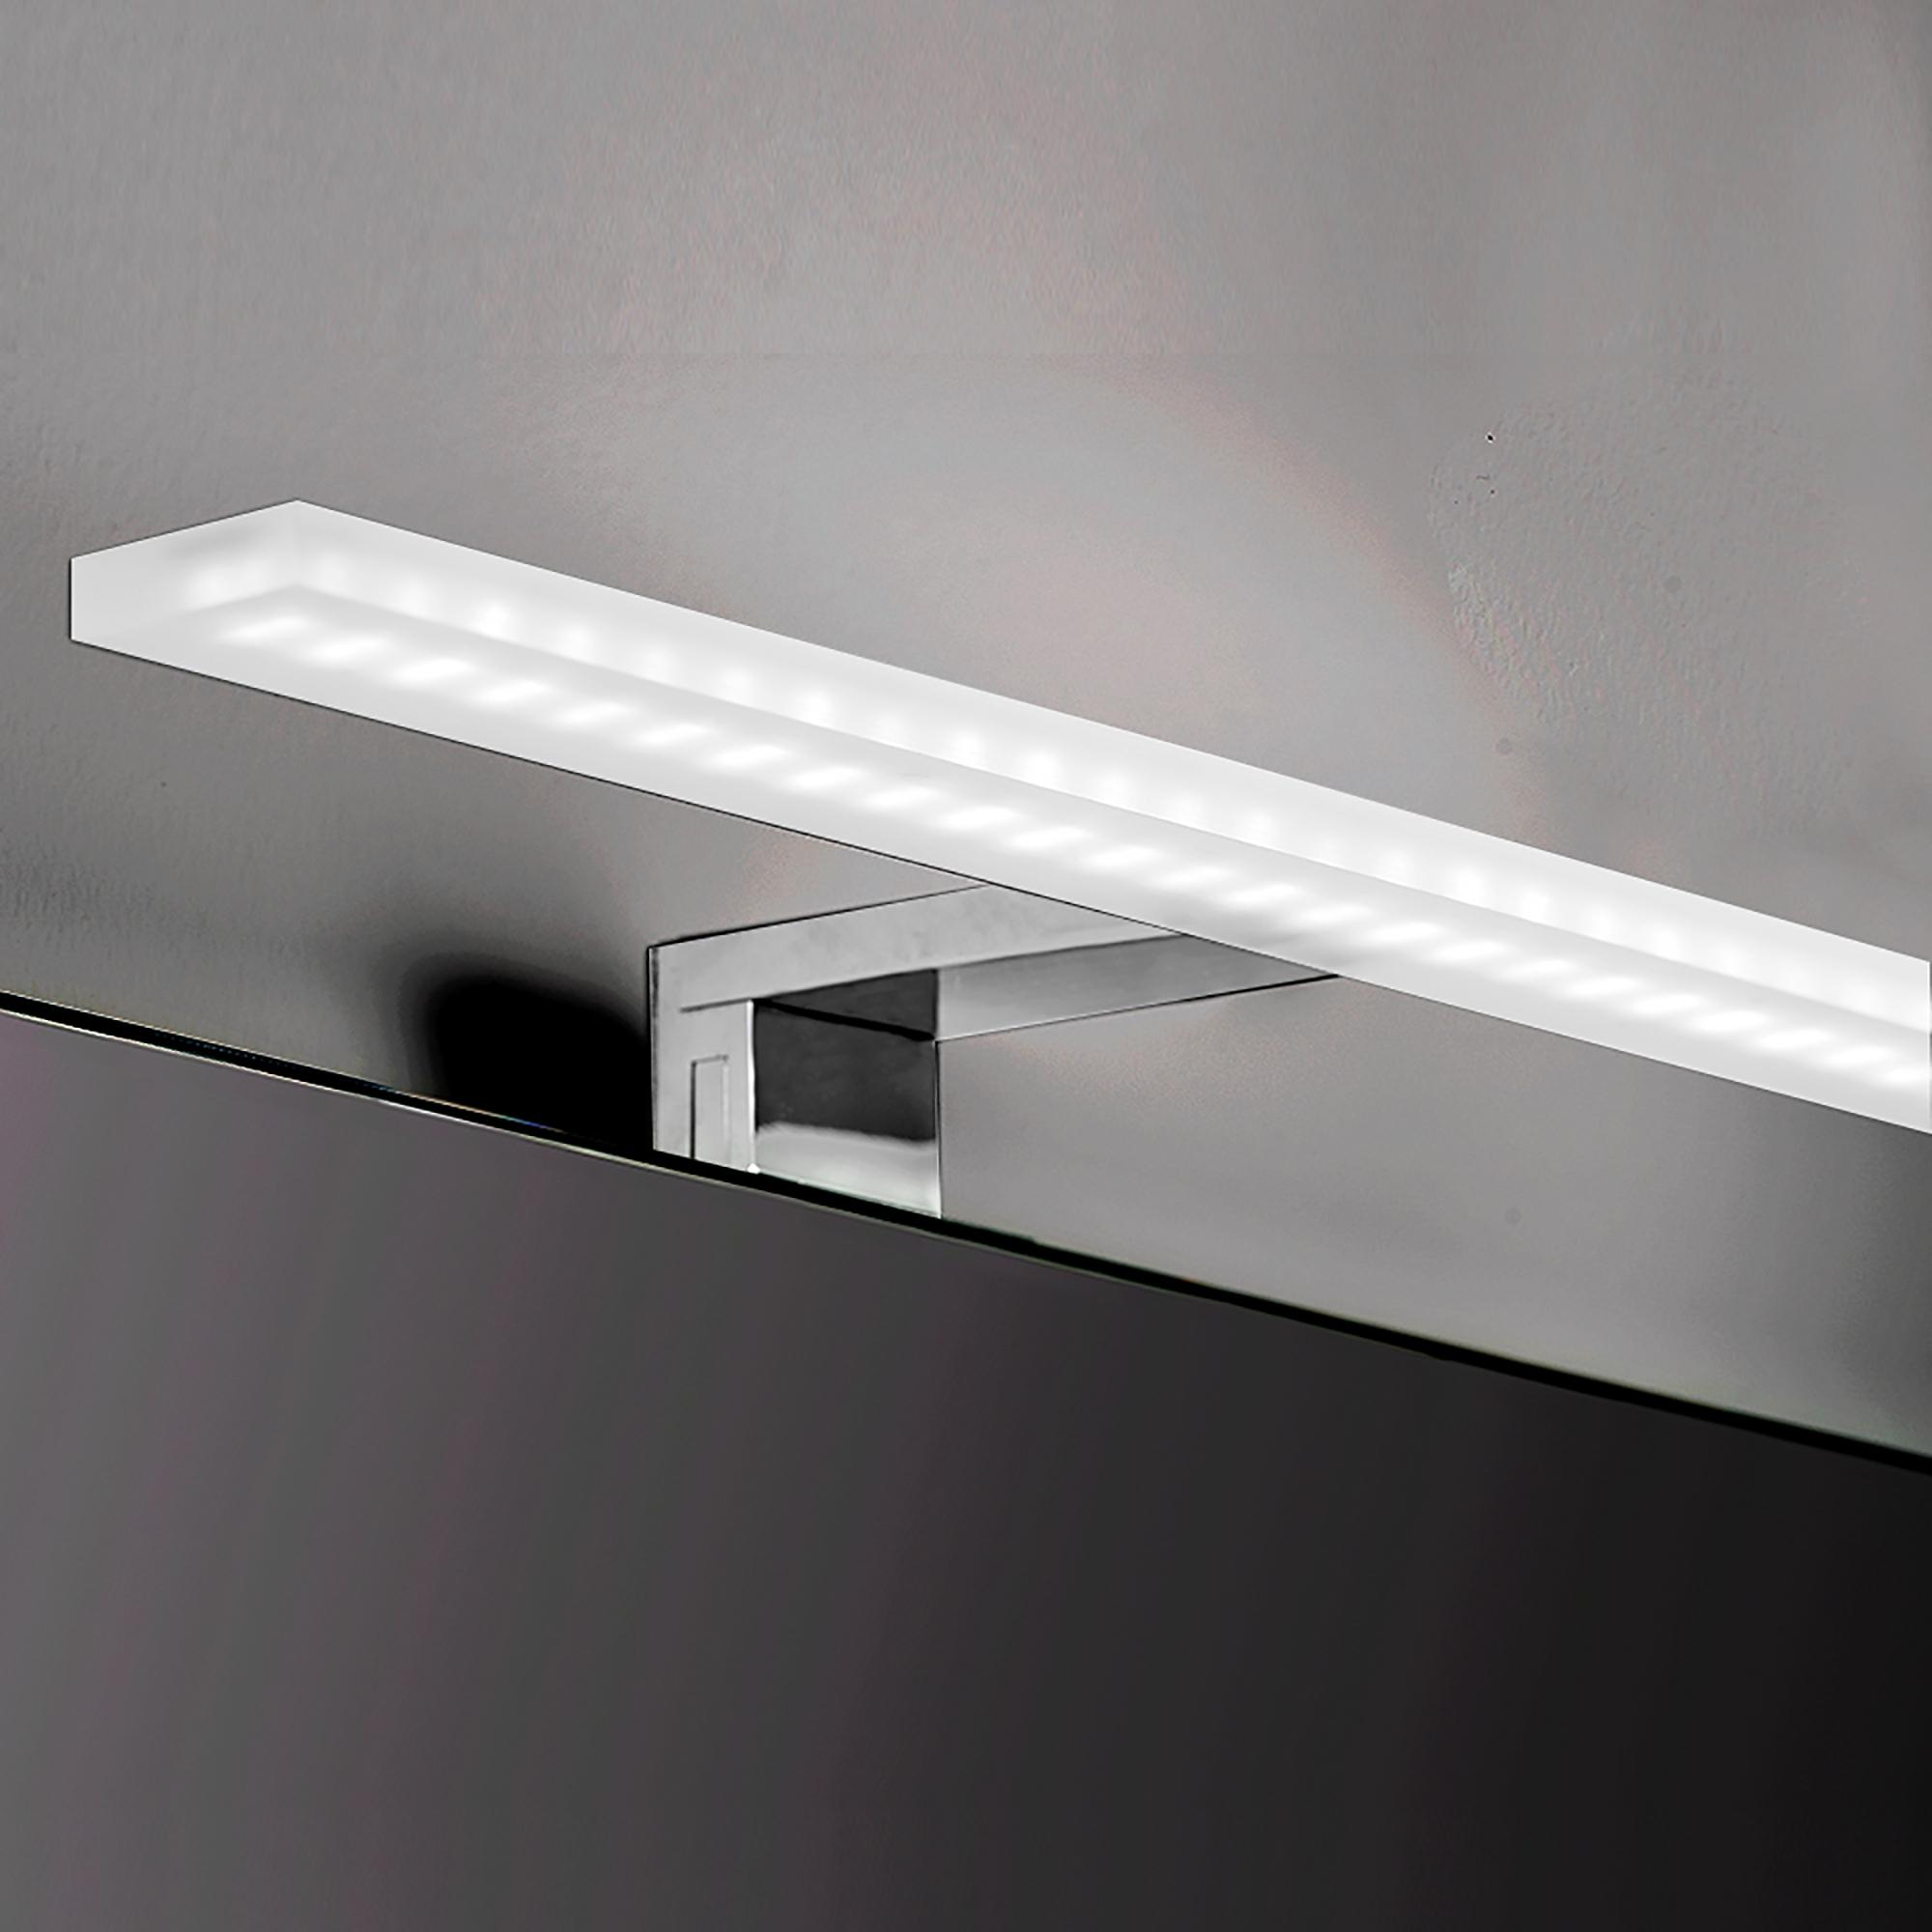 Emuca Applique LED per specchio di bagno, 800 mm, IP44, Luce bianca fredda, Alluminio e Plastica, Cromo